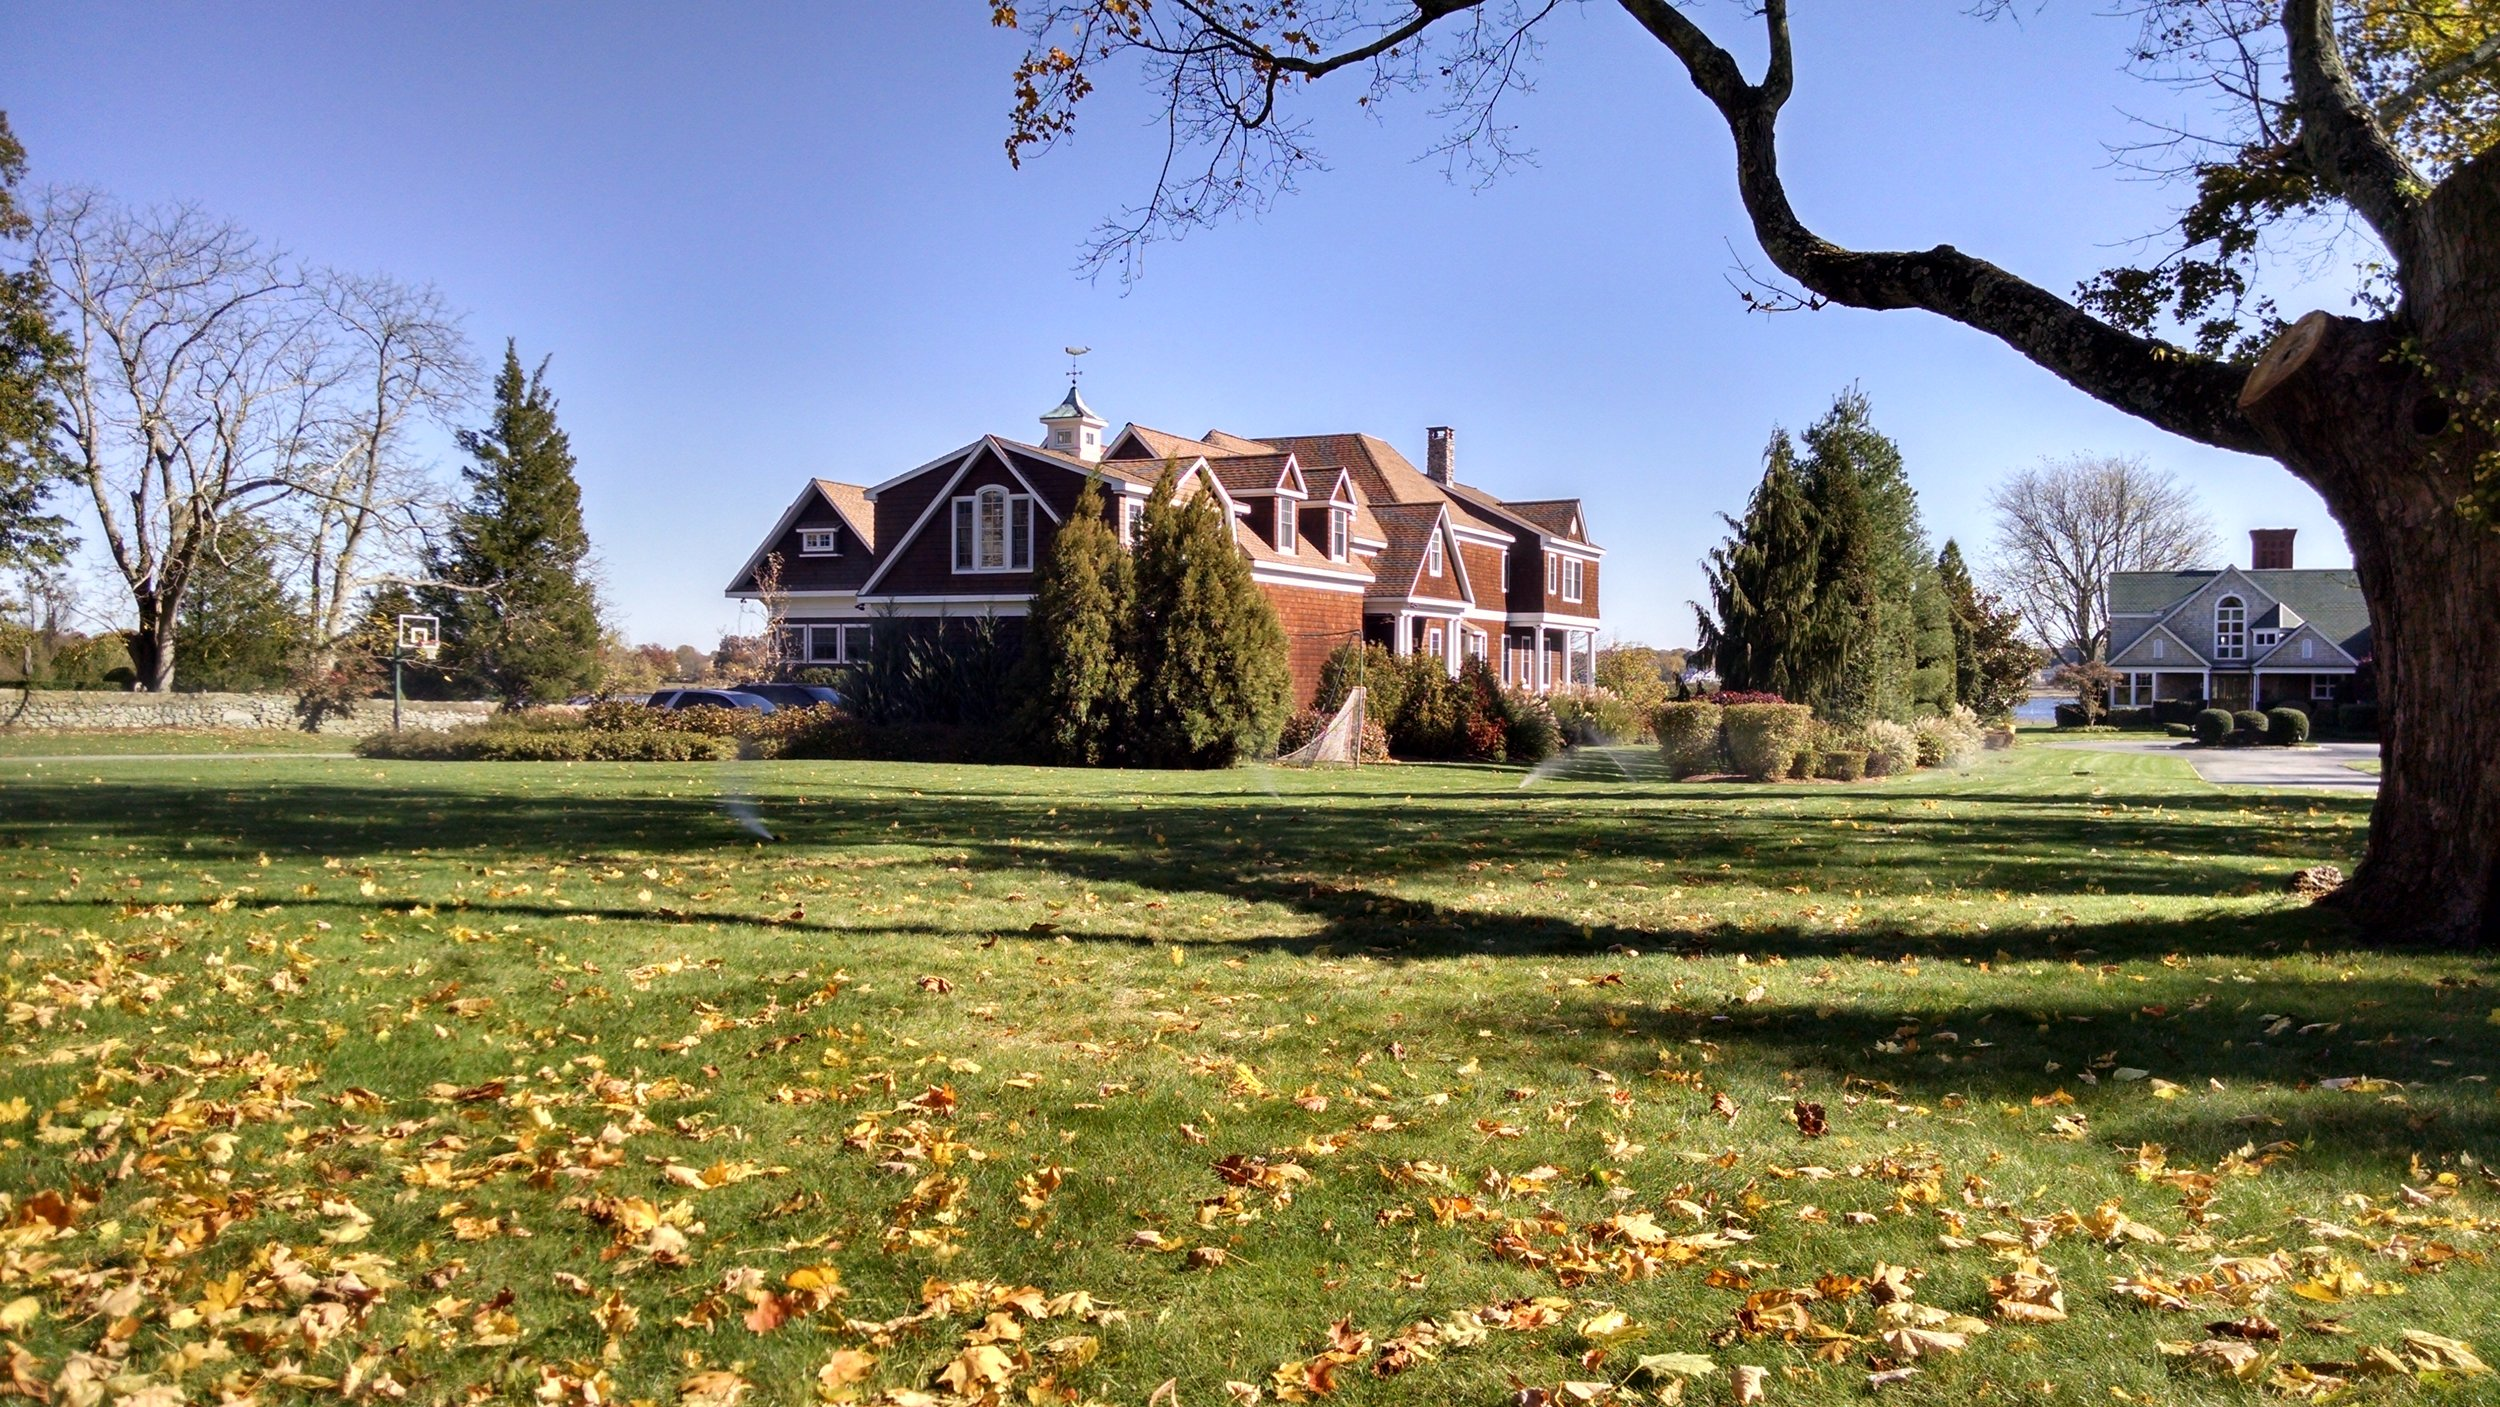 House_Landscape.jpg